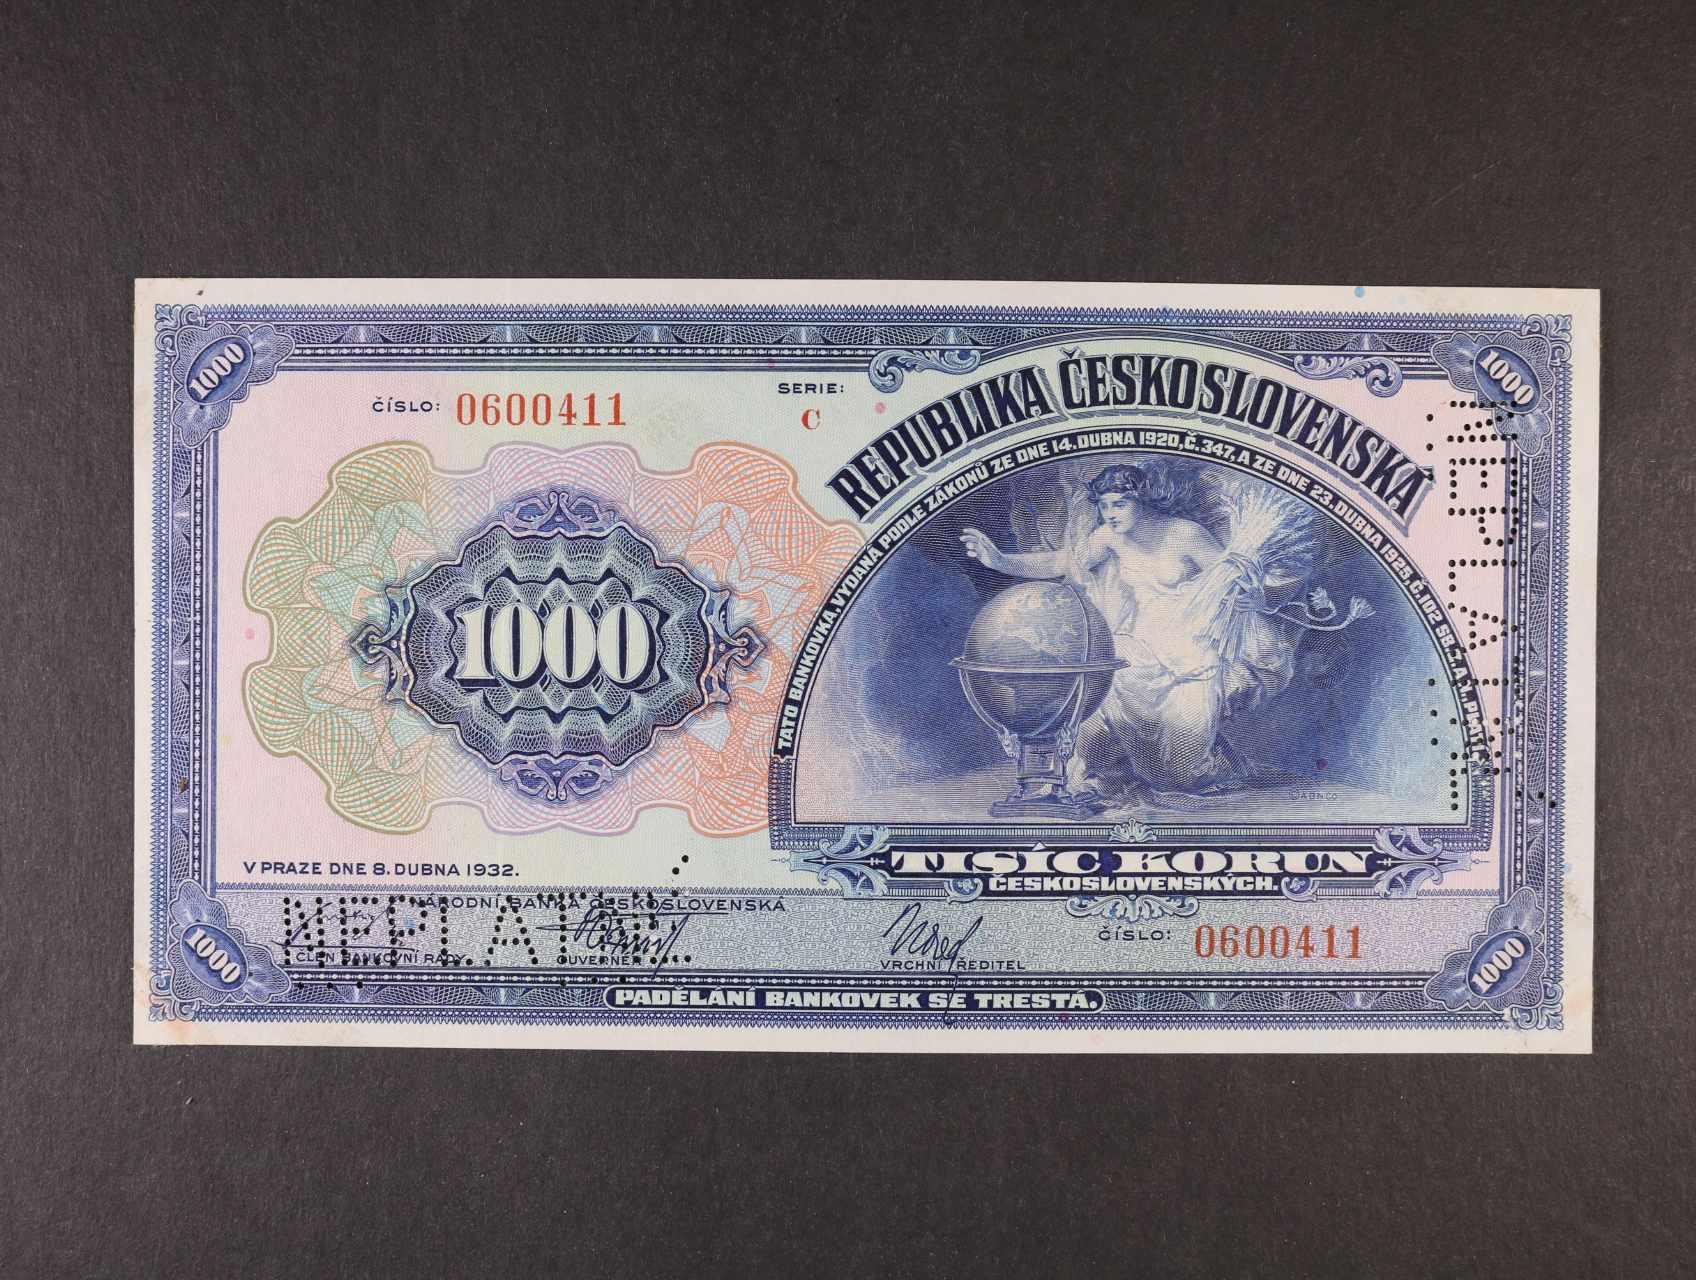 1000 Kč 8.4.1932 série C bankovní vzor, vpravo svisle + dole perf. NEPLATNÉ, Ba. 26, Pi. 25s, v rožcích stopy po přilepení